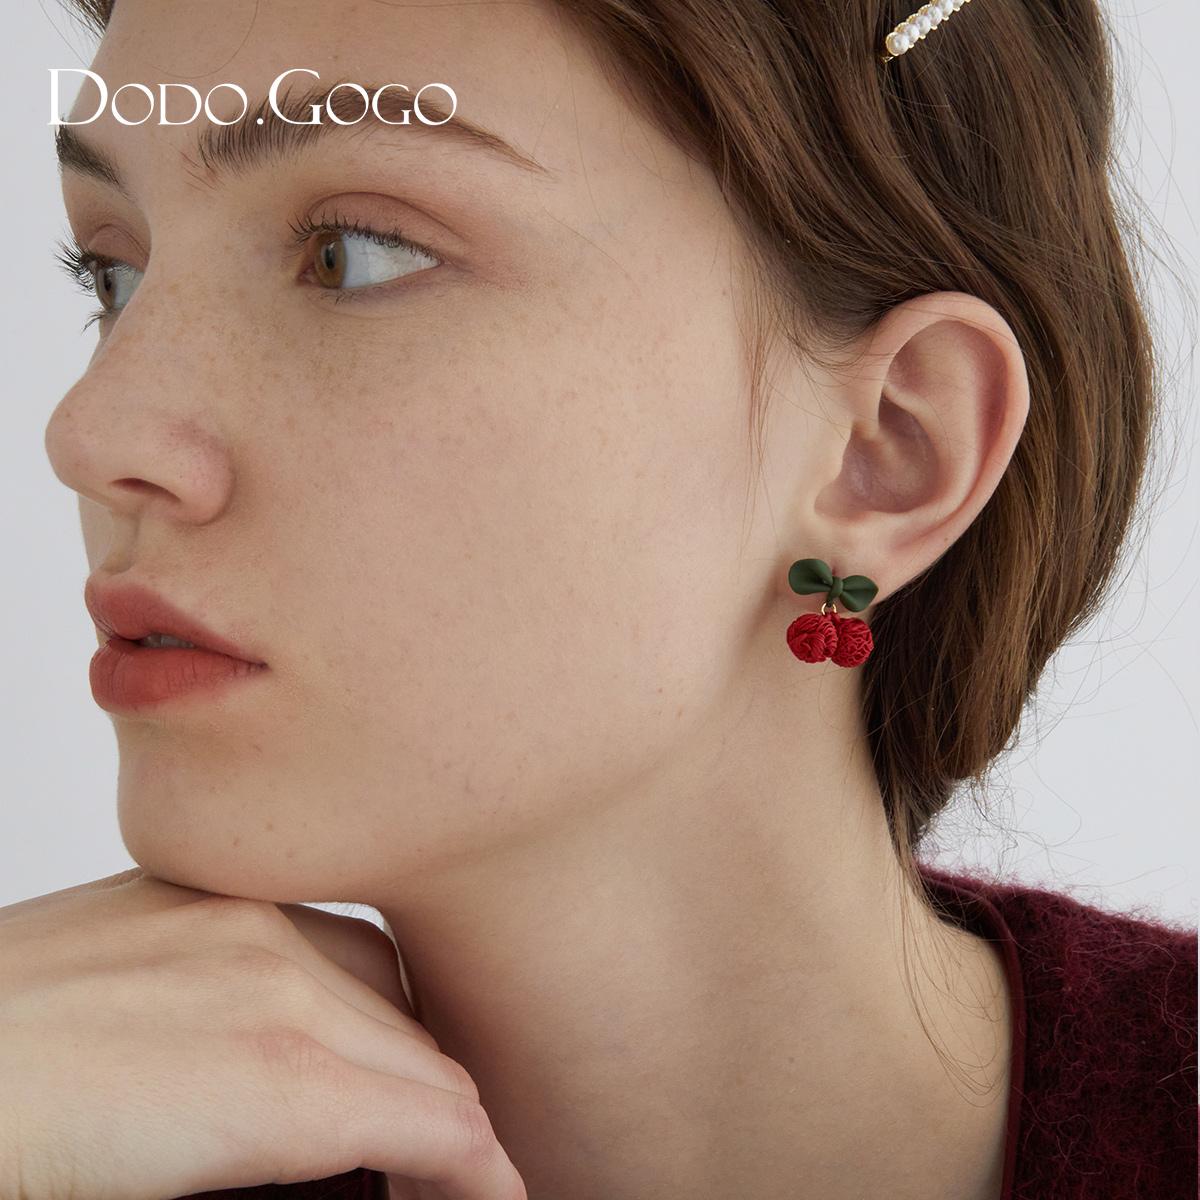 红色樱桃耳环女夏季款耳钉适合夏天的耳饰2021年新款潮耳夹无耳洞(红色樱桃耳环女夏季款耳钉)